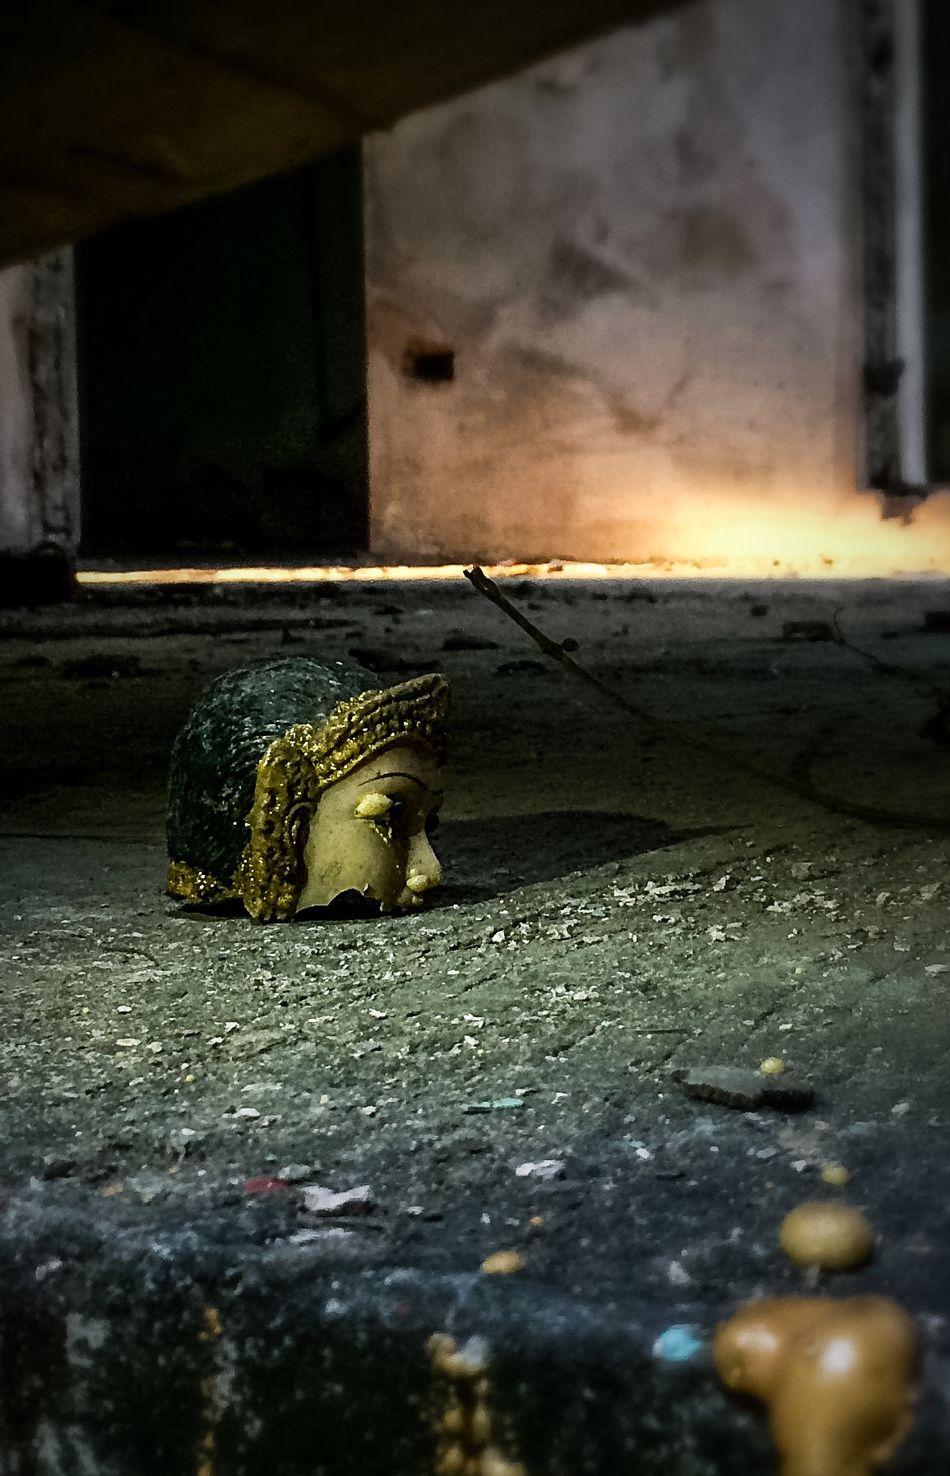 EyeEm_abandonment Abandoned Nang-Kwak นางกวัก HEAD Broken Wasteful Abandoned House Mysterious Thailand Thailand_allshots Eye4photography  IPhoneography Abandoned Places Abandoned Thailand